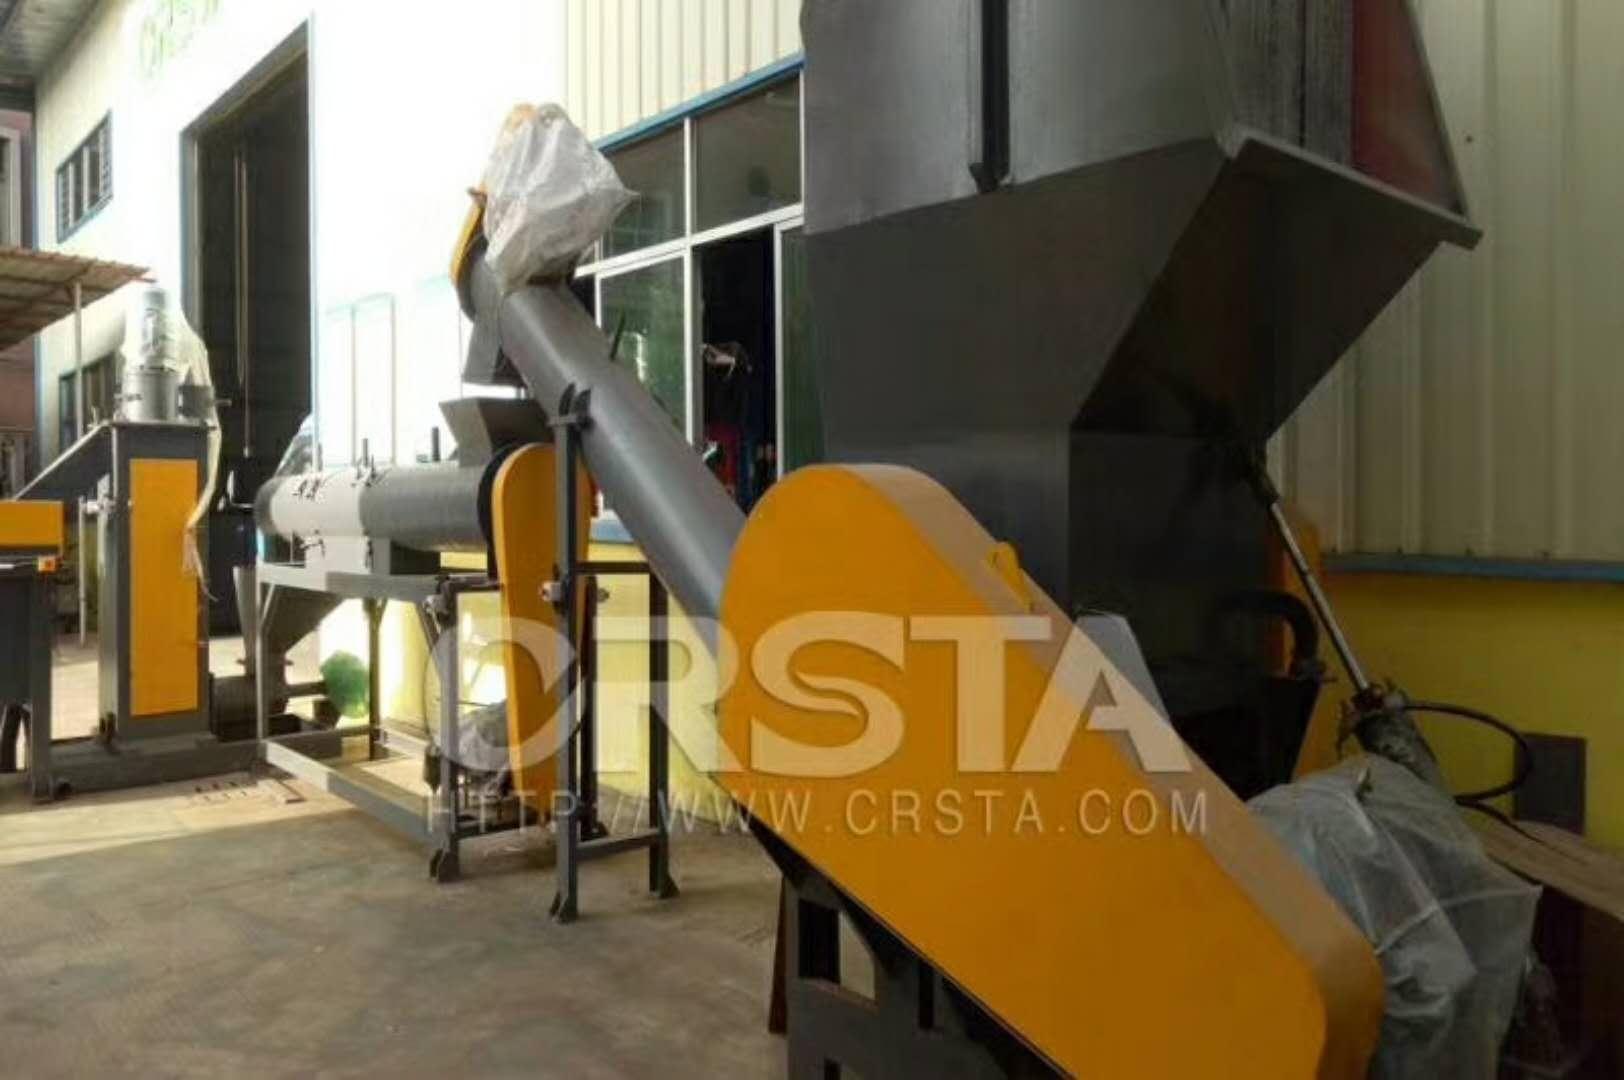 供应废旧输液瓶回收处理设备柯达机械PP废瓶回收生产线